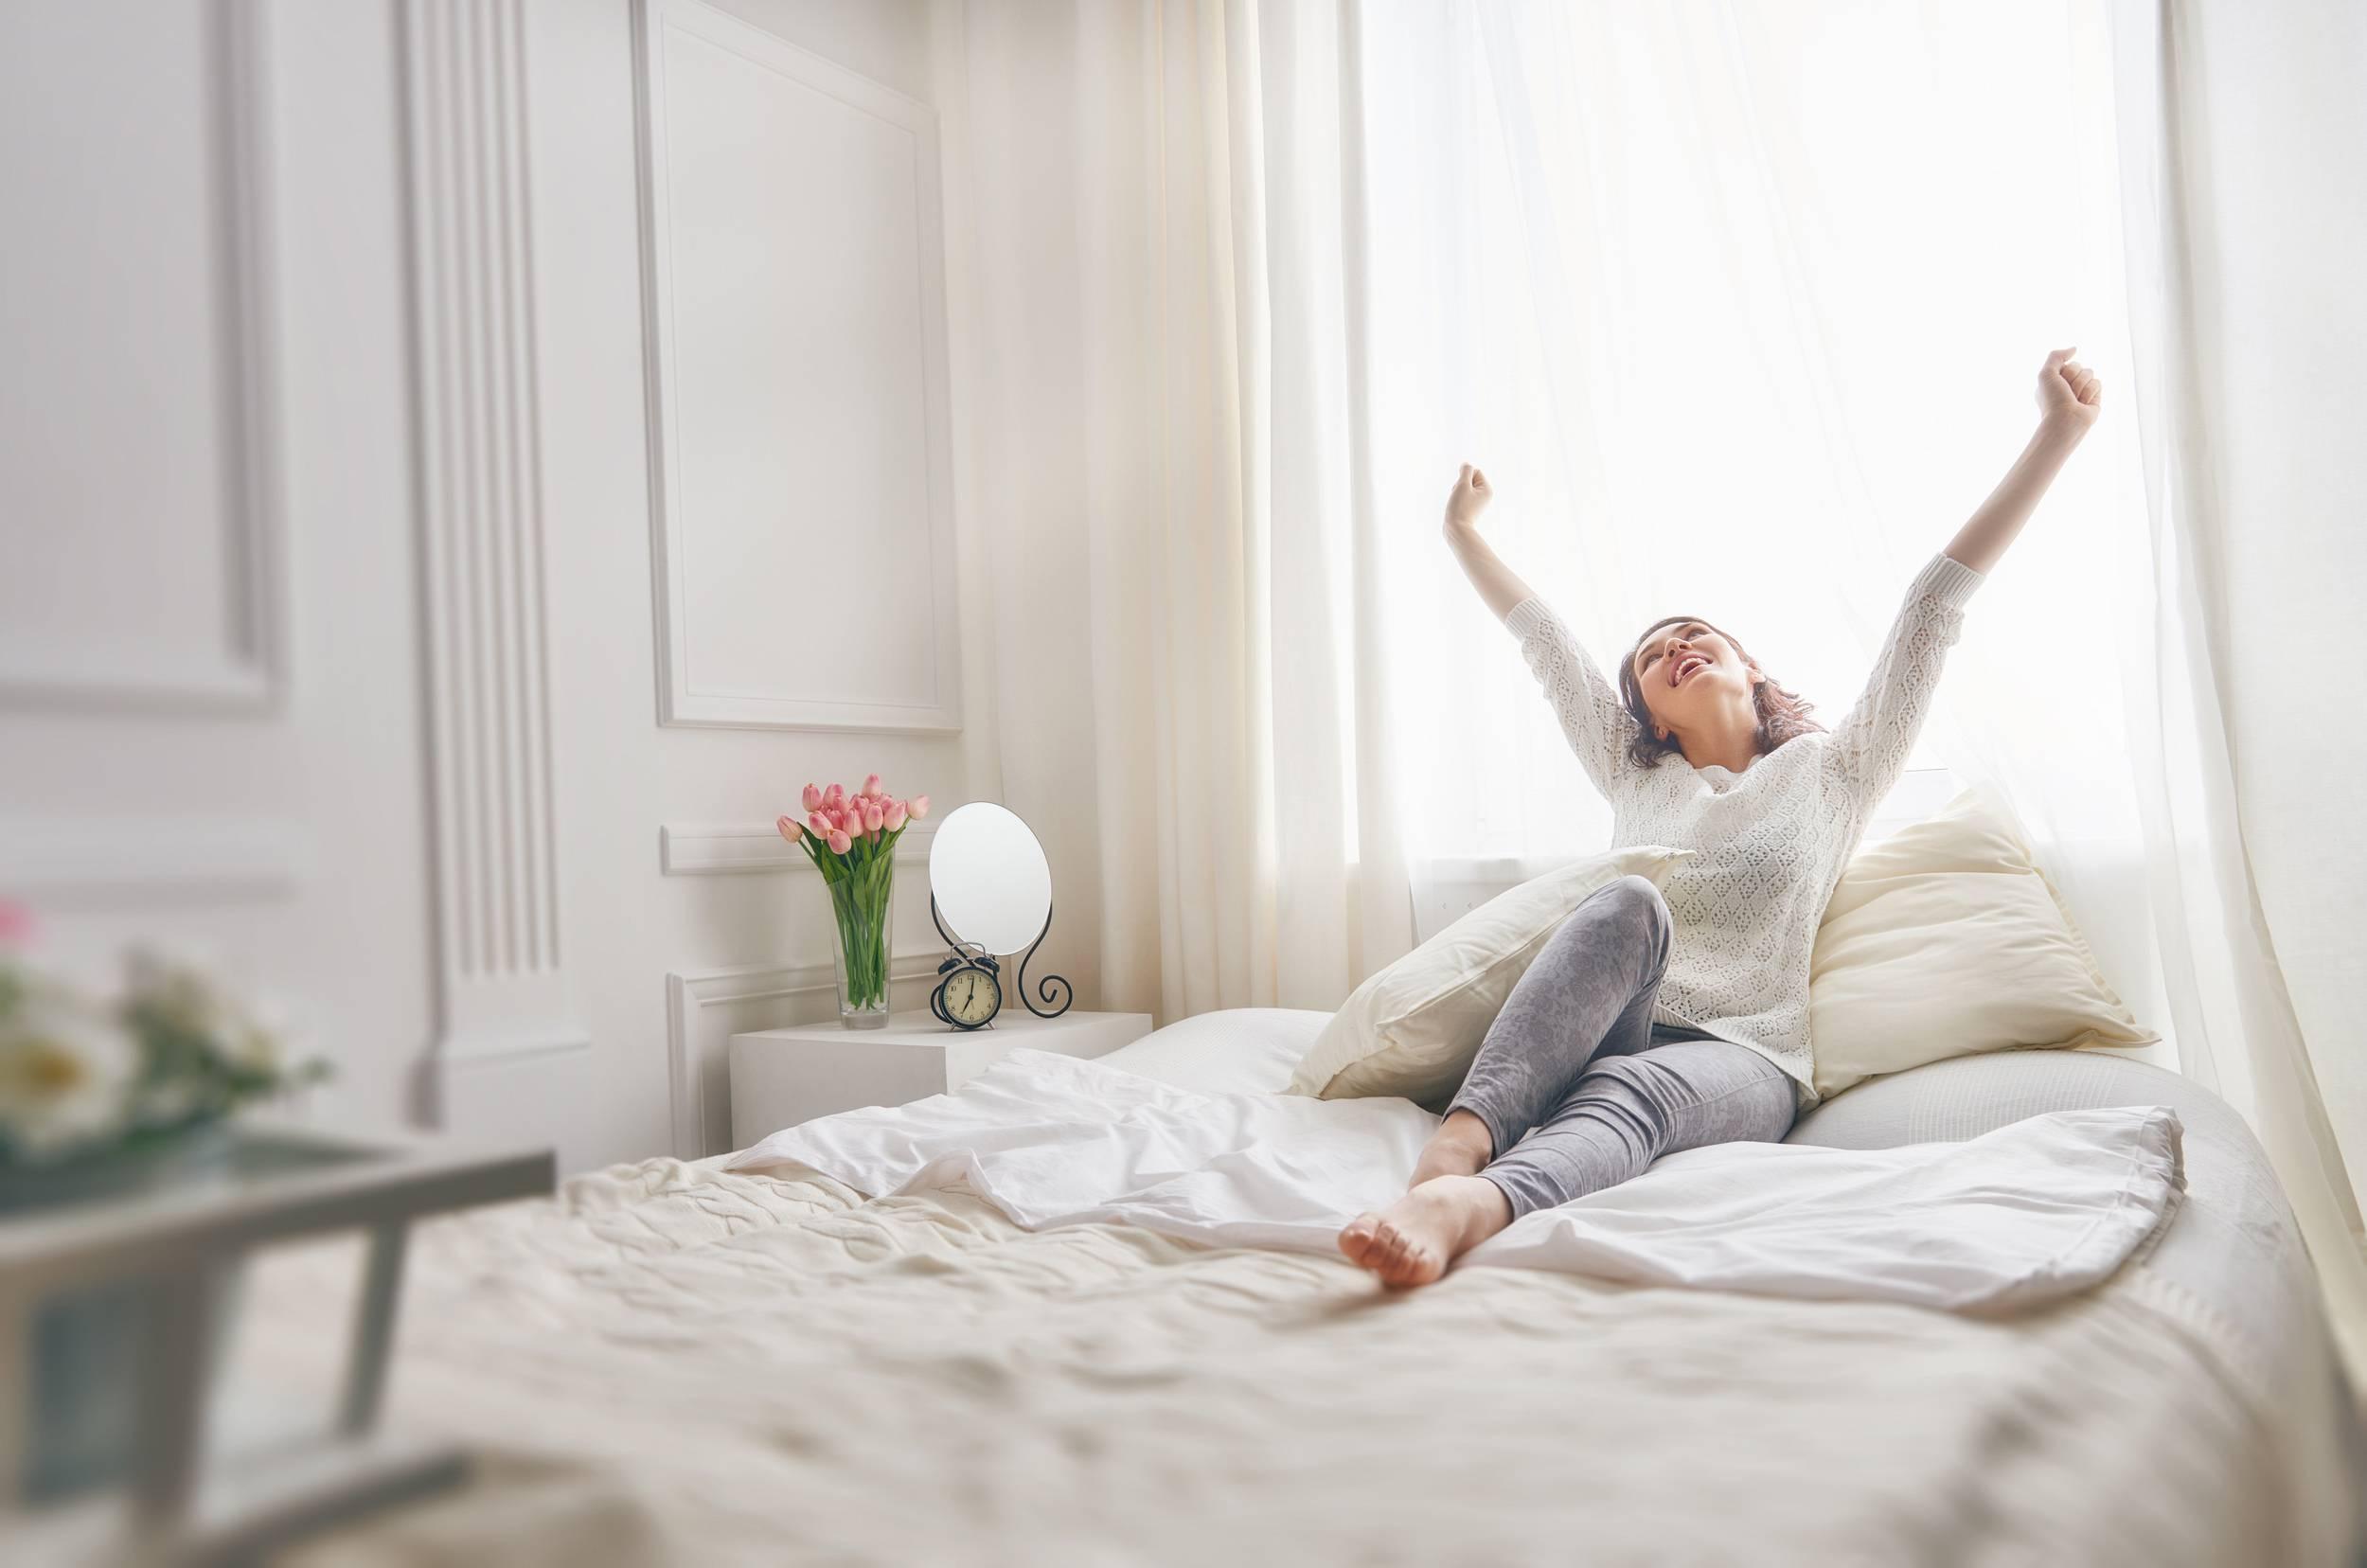 Как встать рано утром если поздно лег и быть отдохнувшим